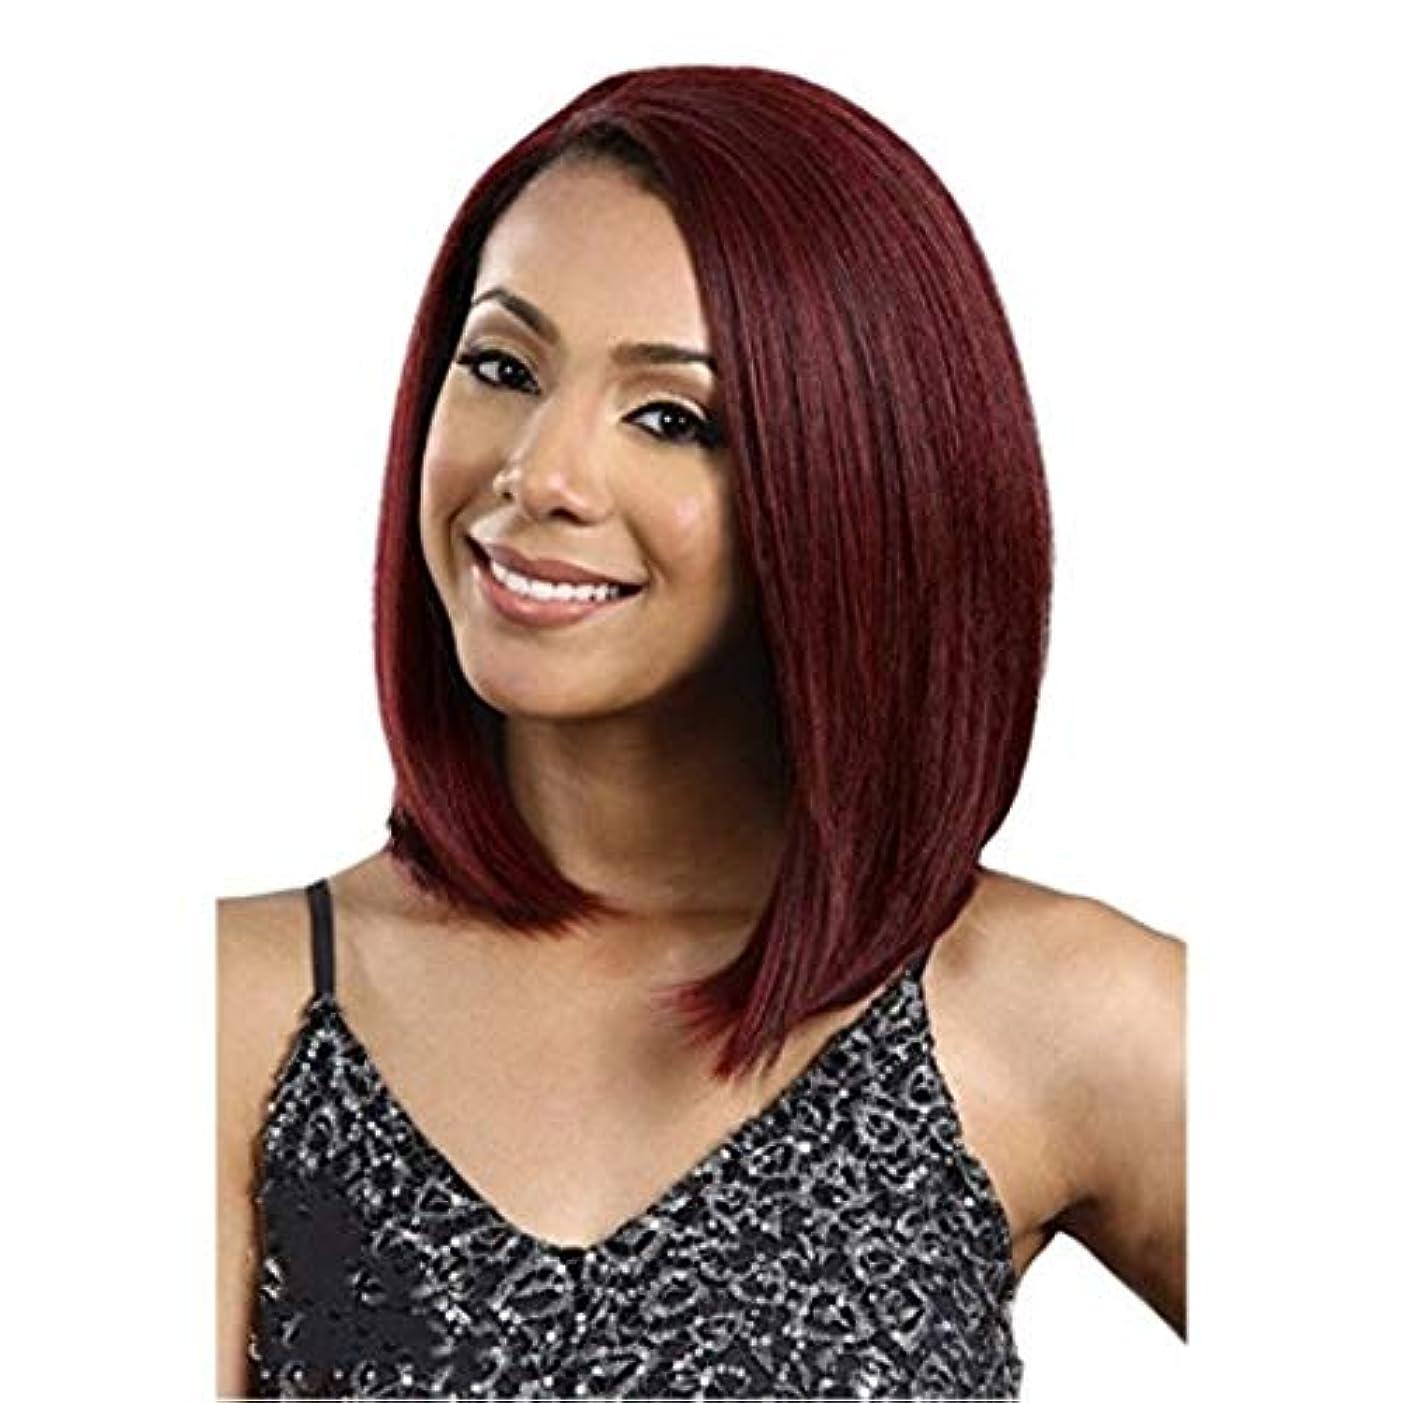 散逸中に祝福Kerwinner 女性のための前髪の髪のかつらとミディアムストレートヘアレッドウィッグヘッドギア耐熱合成かつら